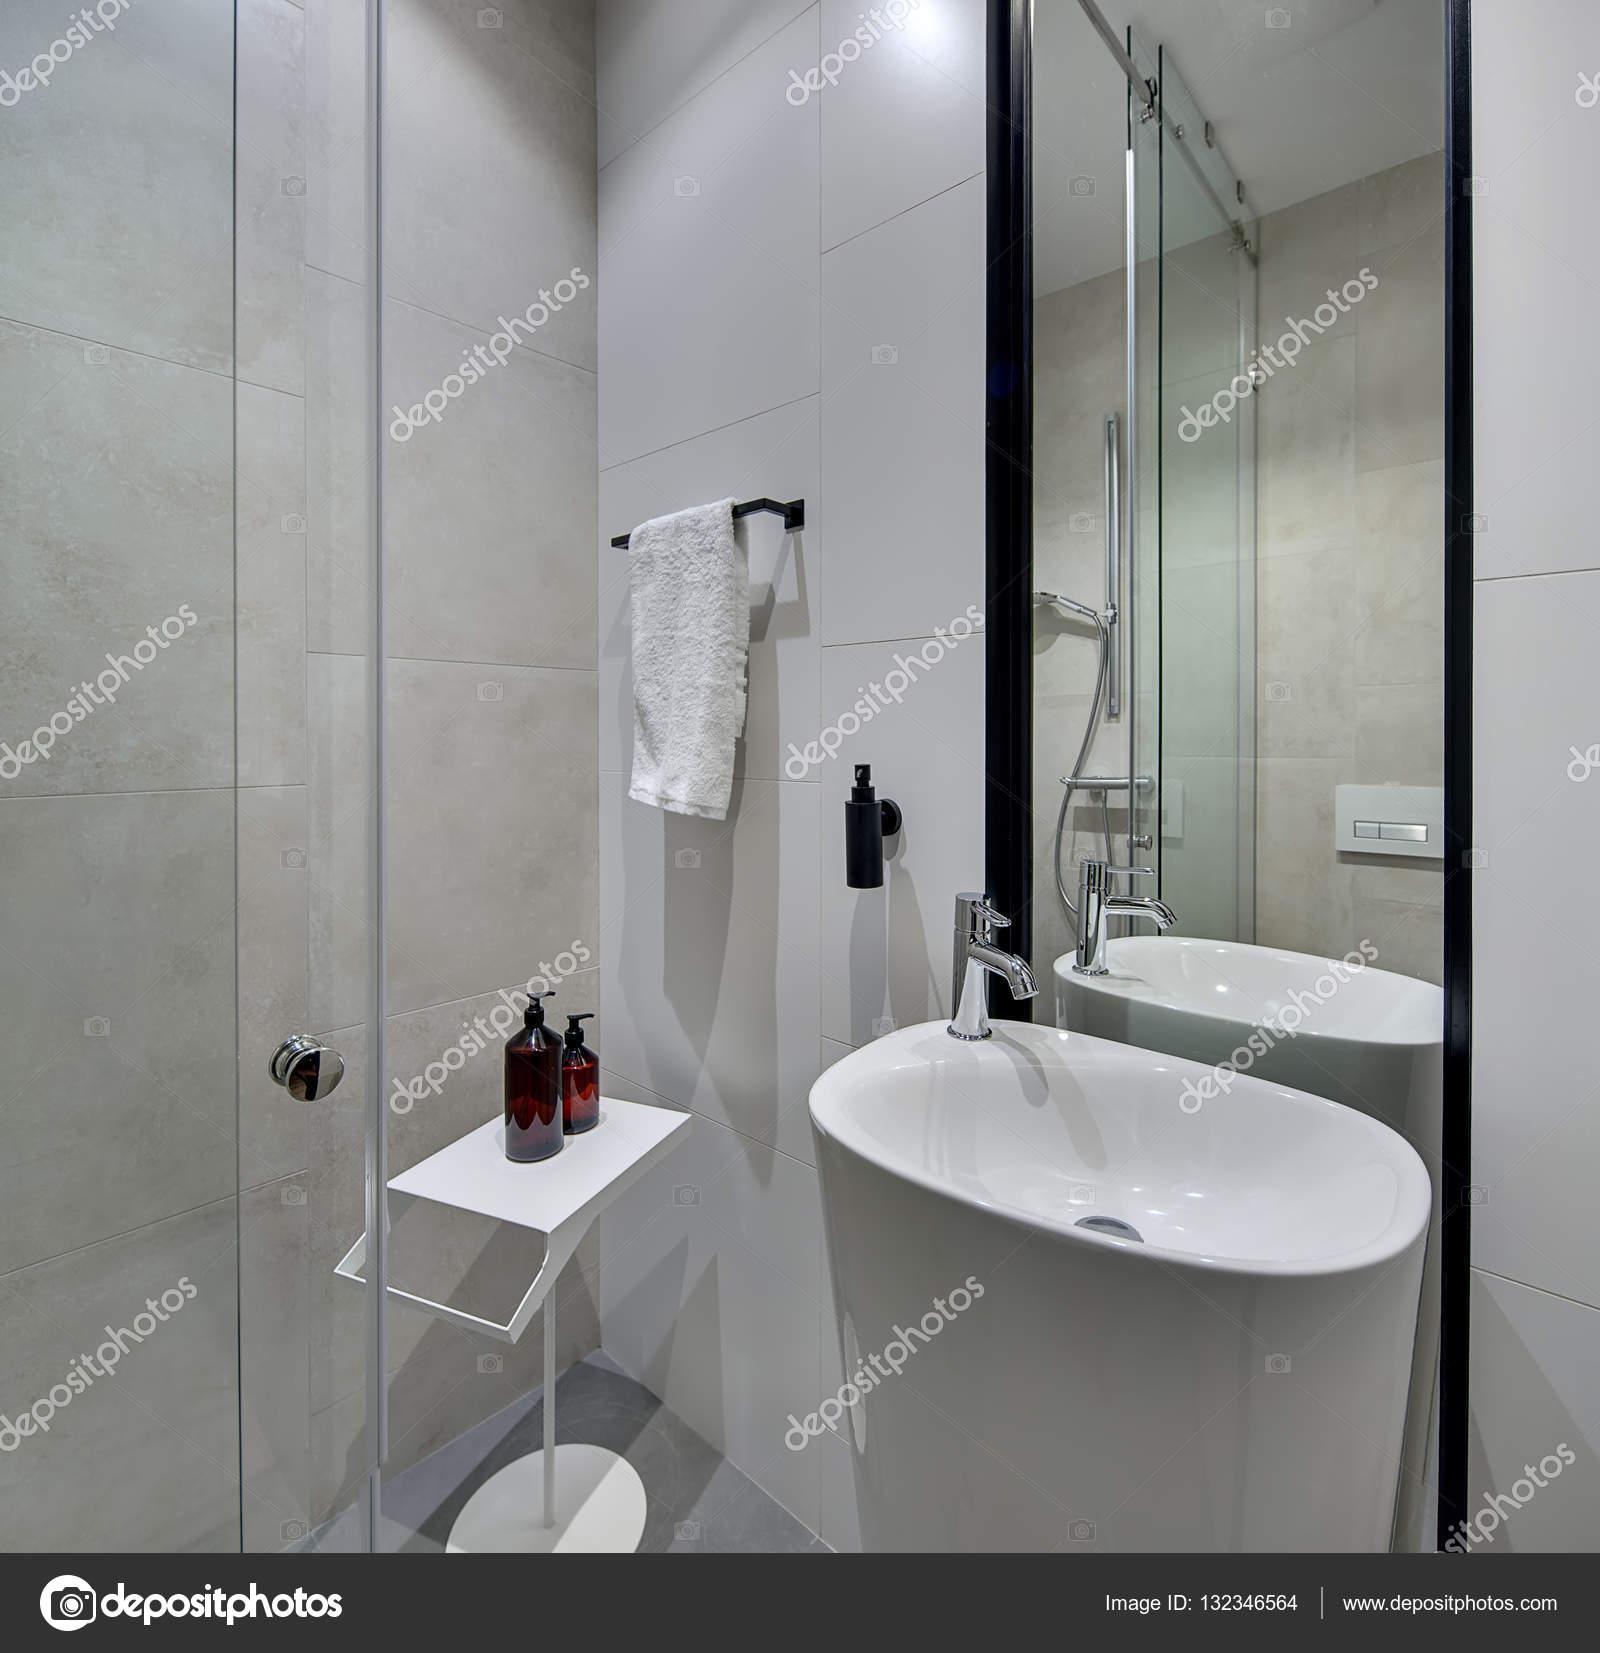 Leichtes, Modernes Badezimmer Mit Weißen Und Cremefarbenen Fliesen An  Wänden Und Grau Auf Dem Boden. Es Ist Eine Weiße Wanne Mit Chrom  Wasserhahn, ...